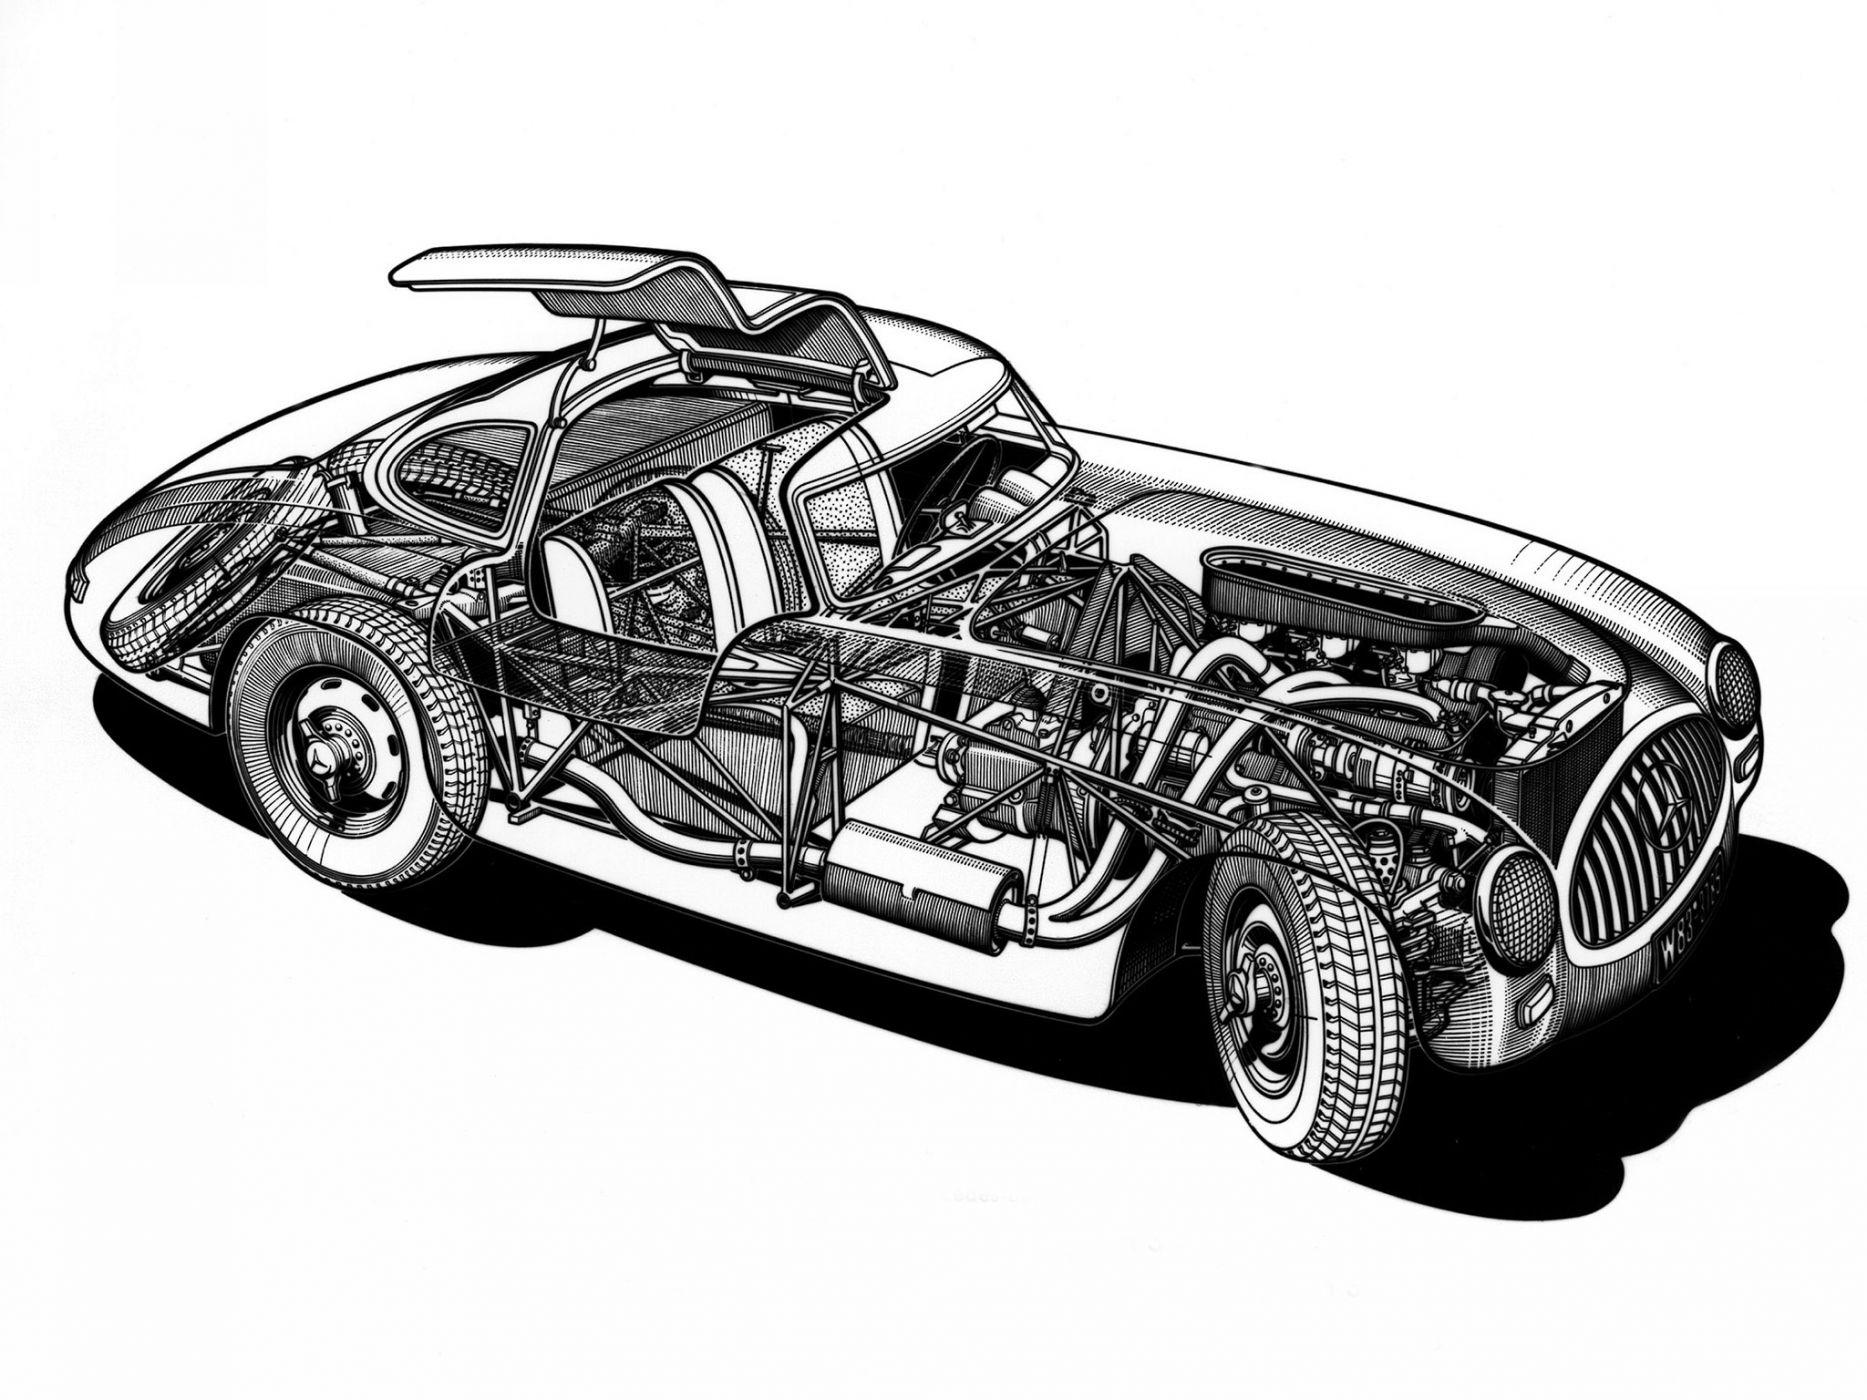 постеры чертежей автомобилей